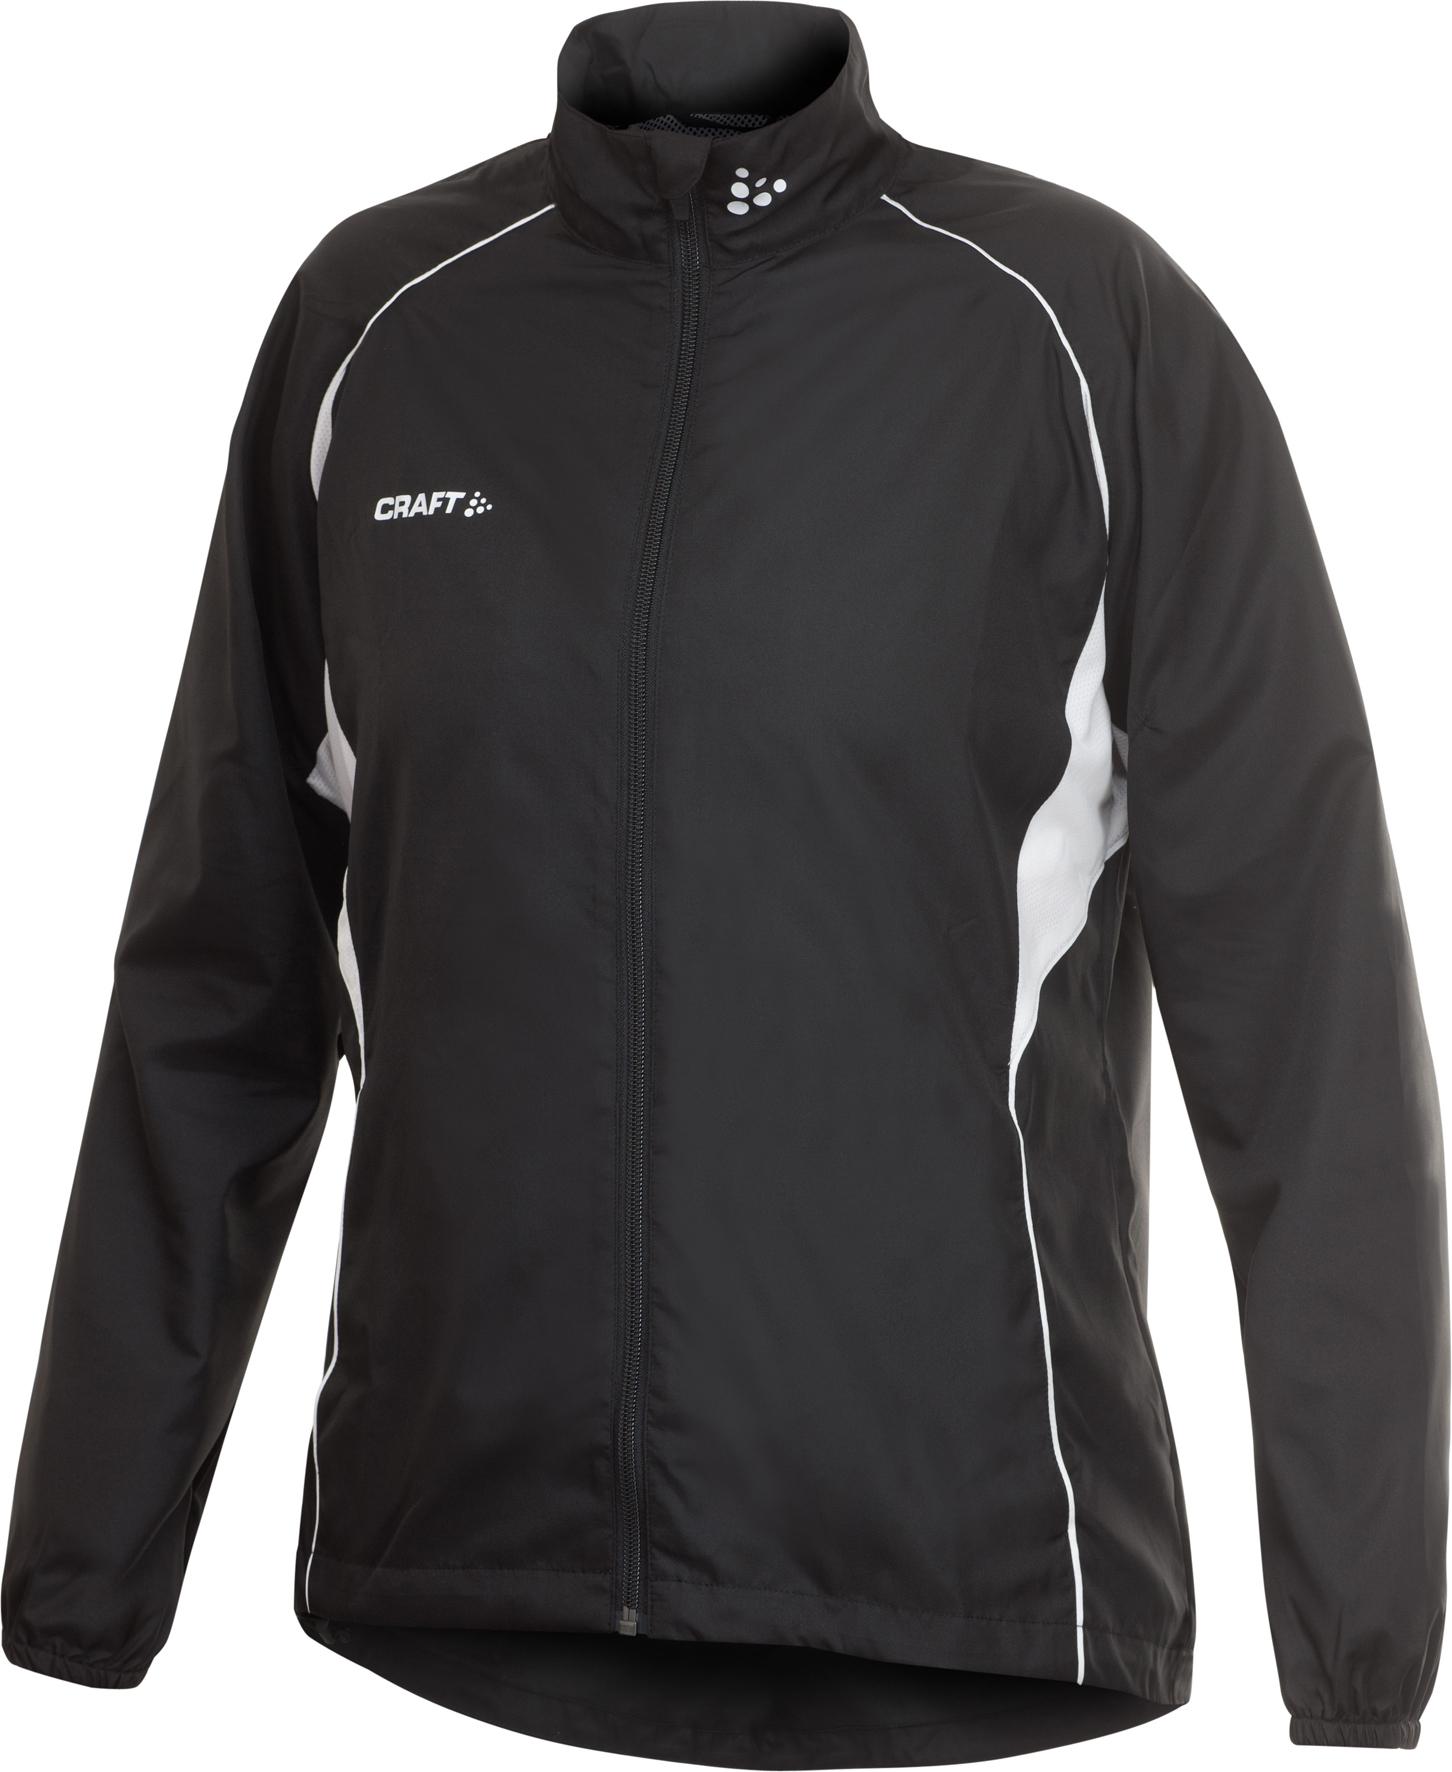 Женская куртка Craft Track and Field черная (1901249-2999)